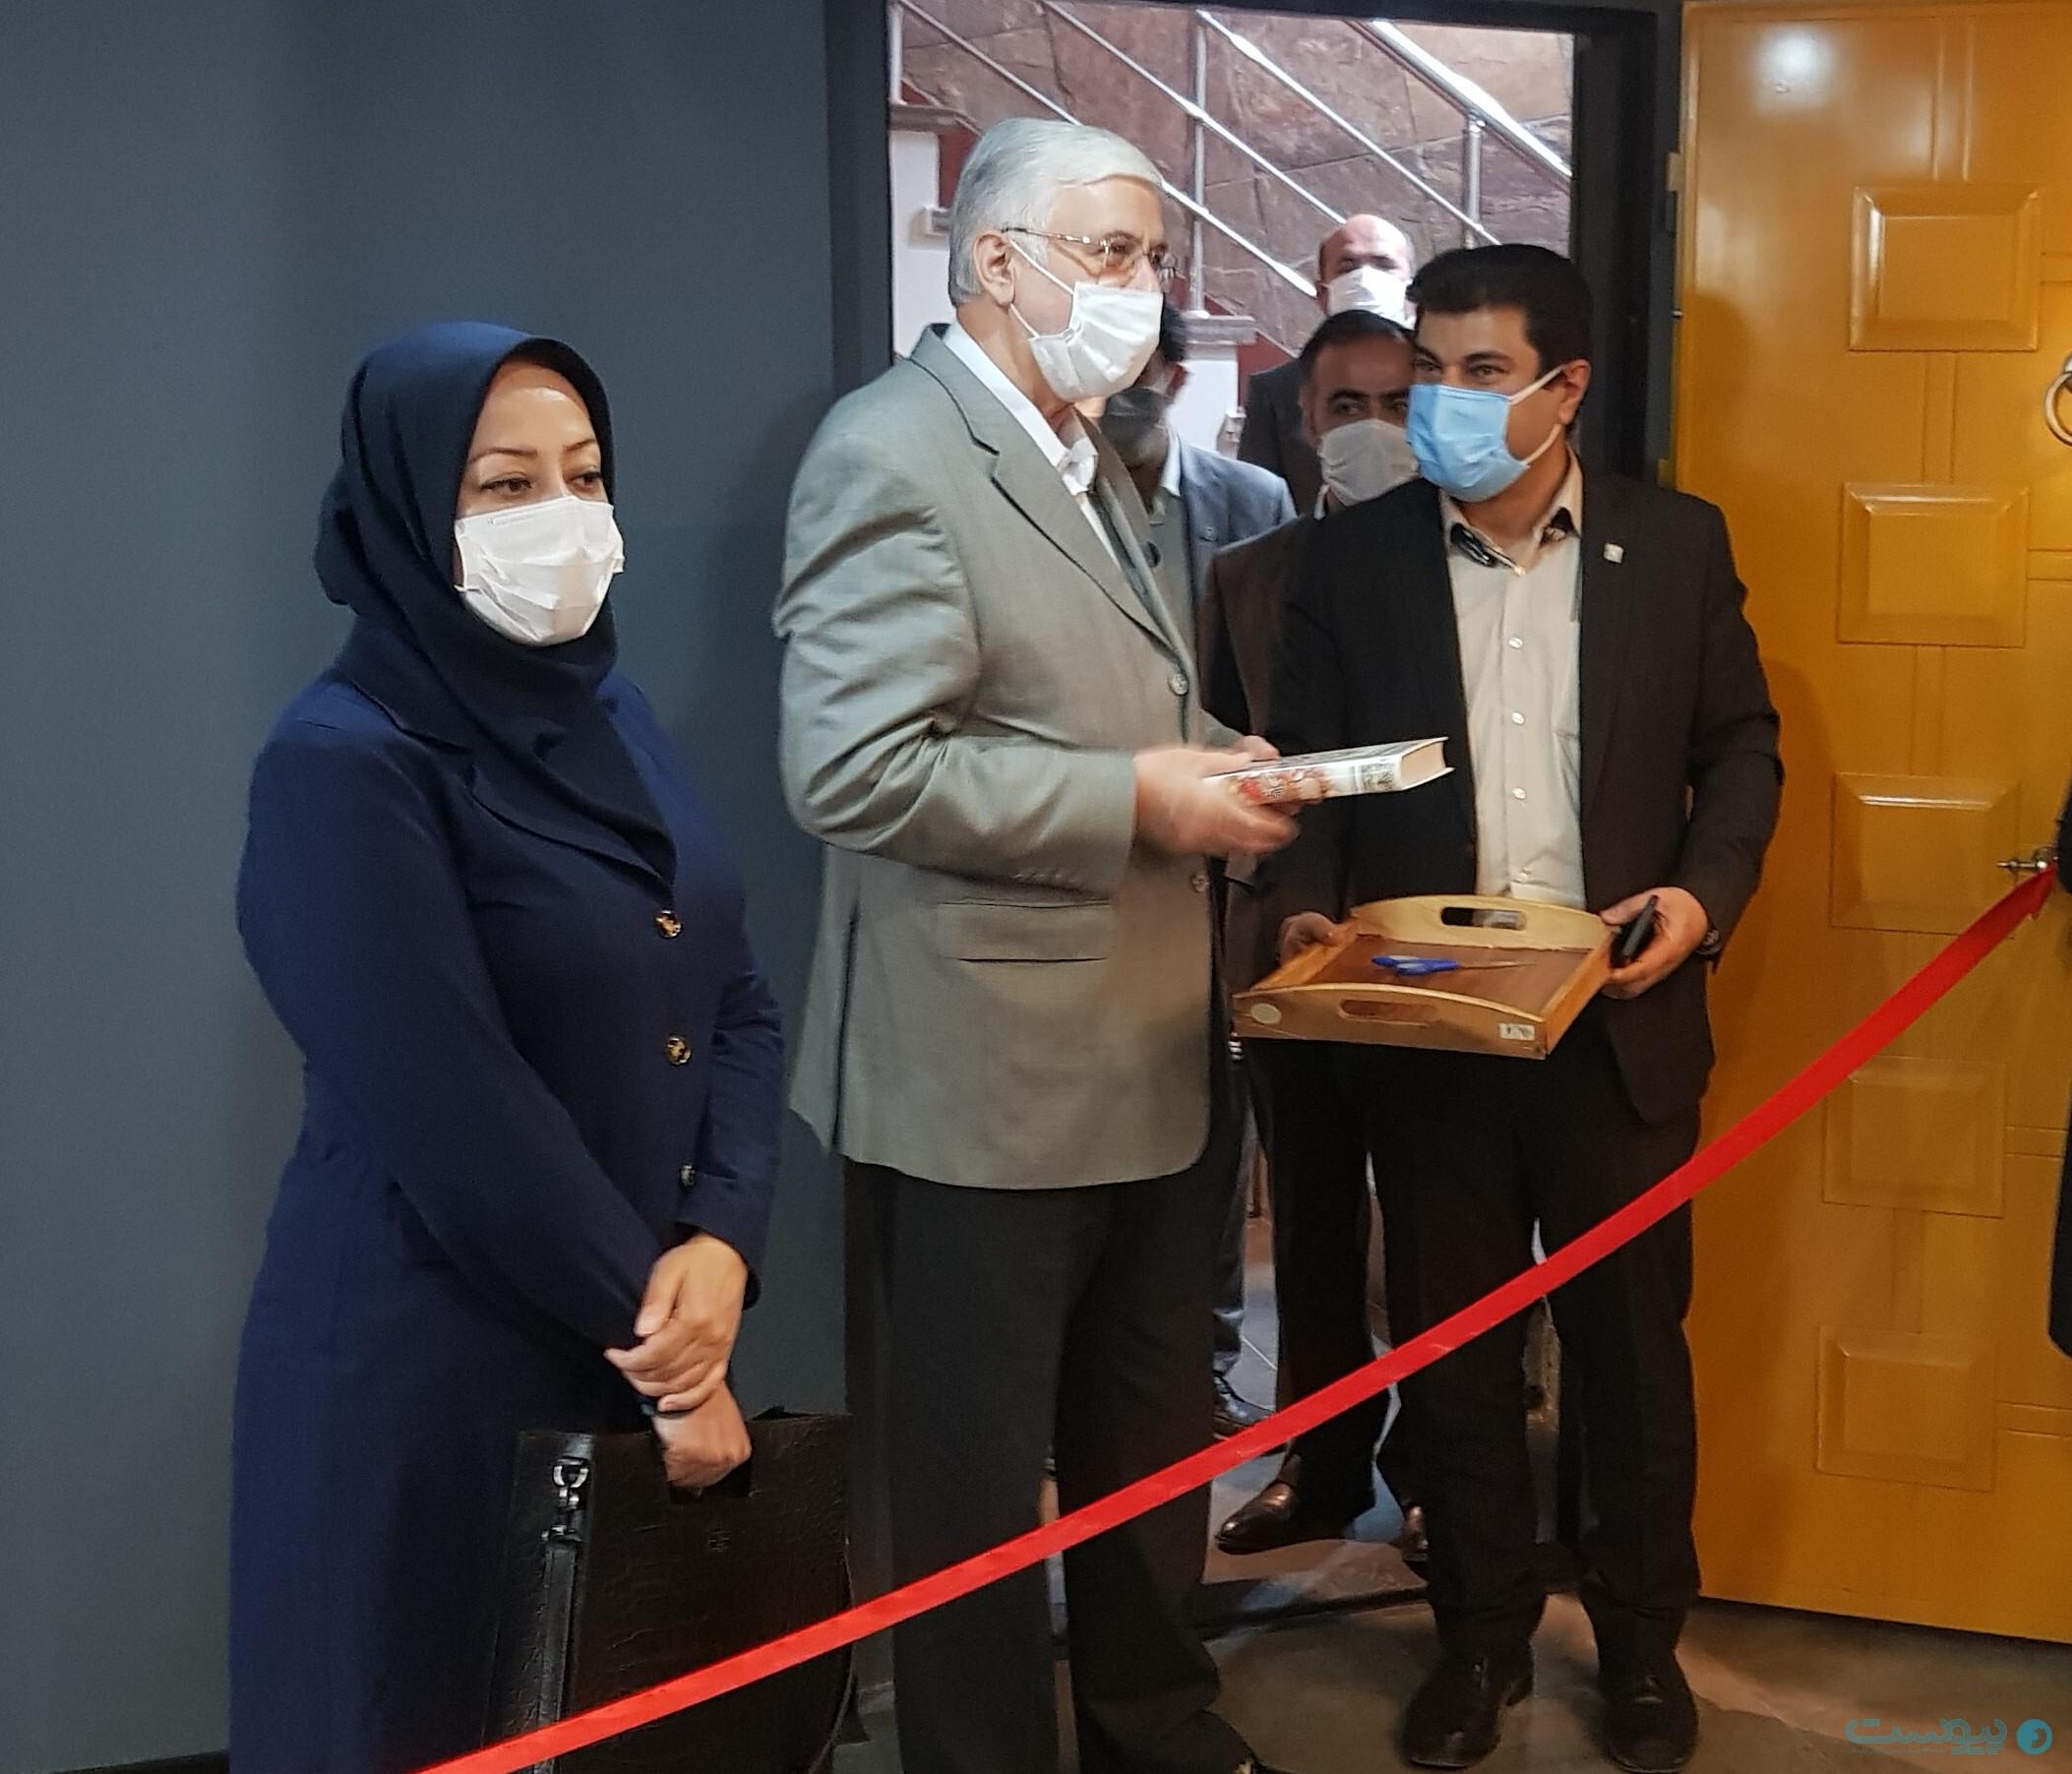 مجید قاسمی؛ مدیرعامل بانک پاسارگاد در مراسم افتتاح کافه همافزایی